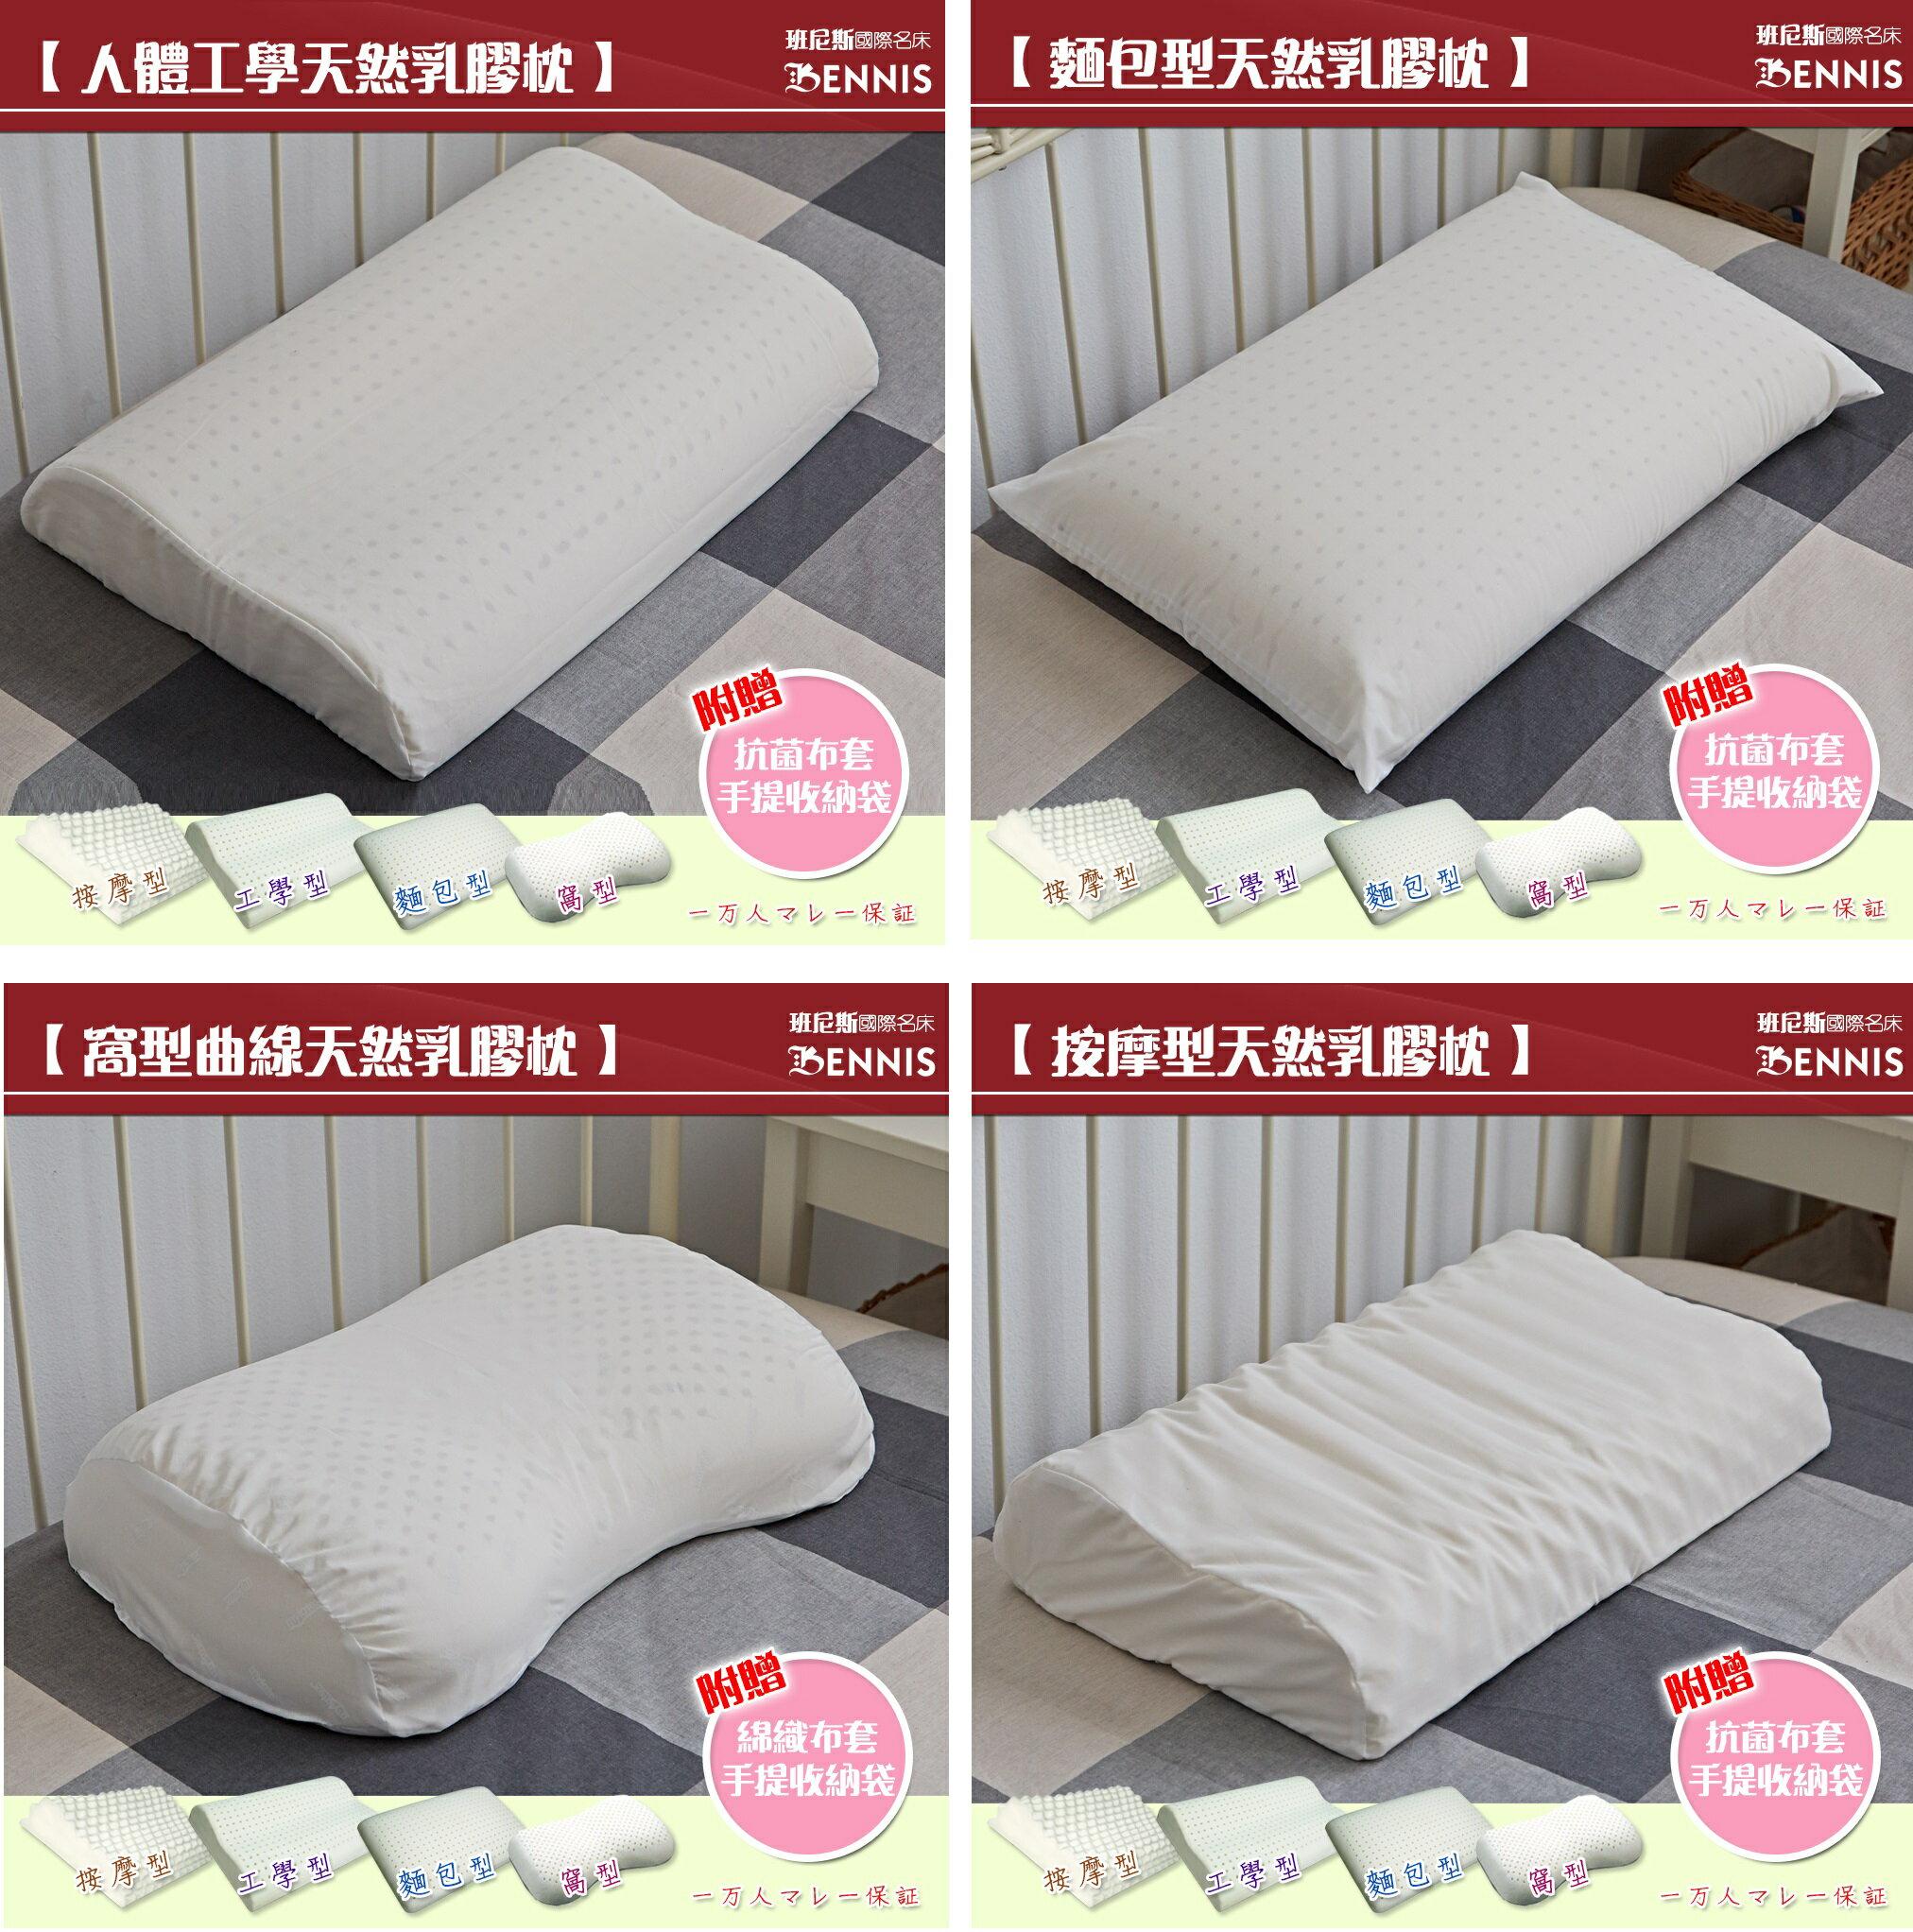 班尼斯馬來西亞【天然乳膠枕頭】附贈抗菌布套、手提收納袋★馬來西亞進口天然乳膠枕,百萬品質保證★班尼斯國際家具名床 2